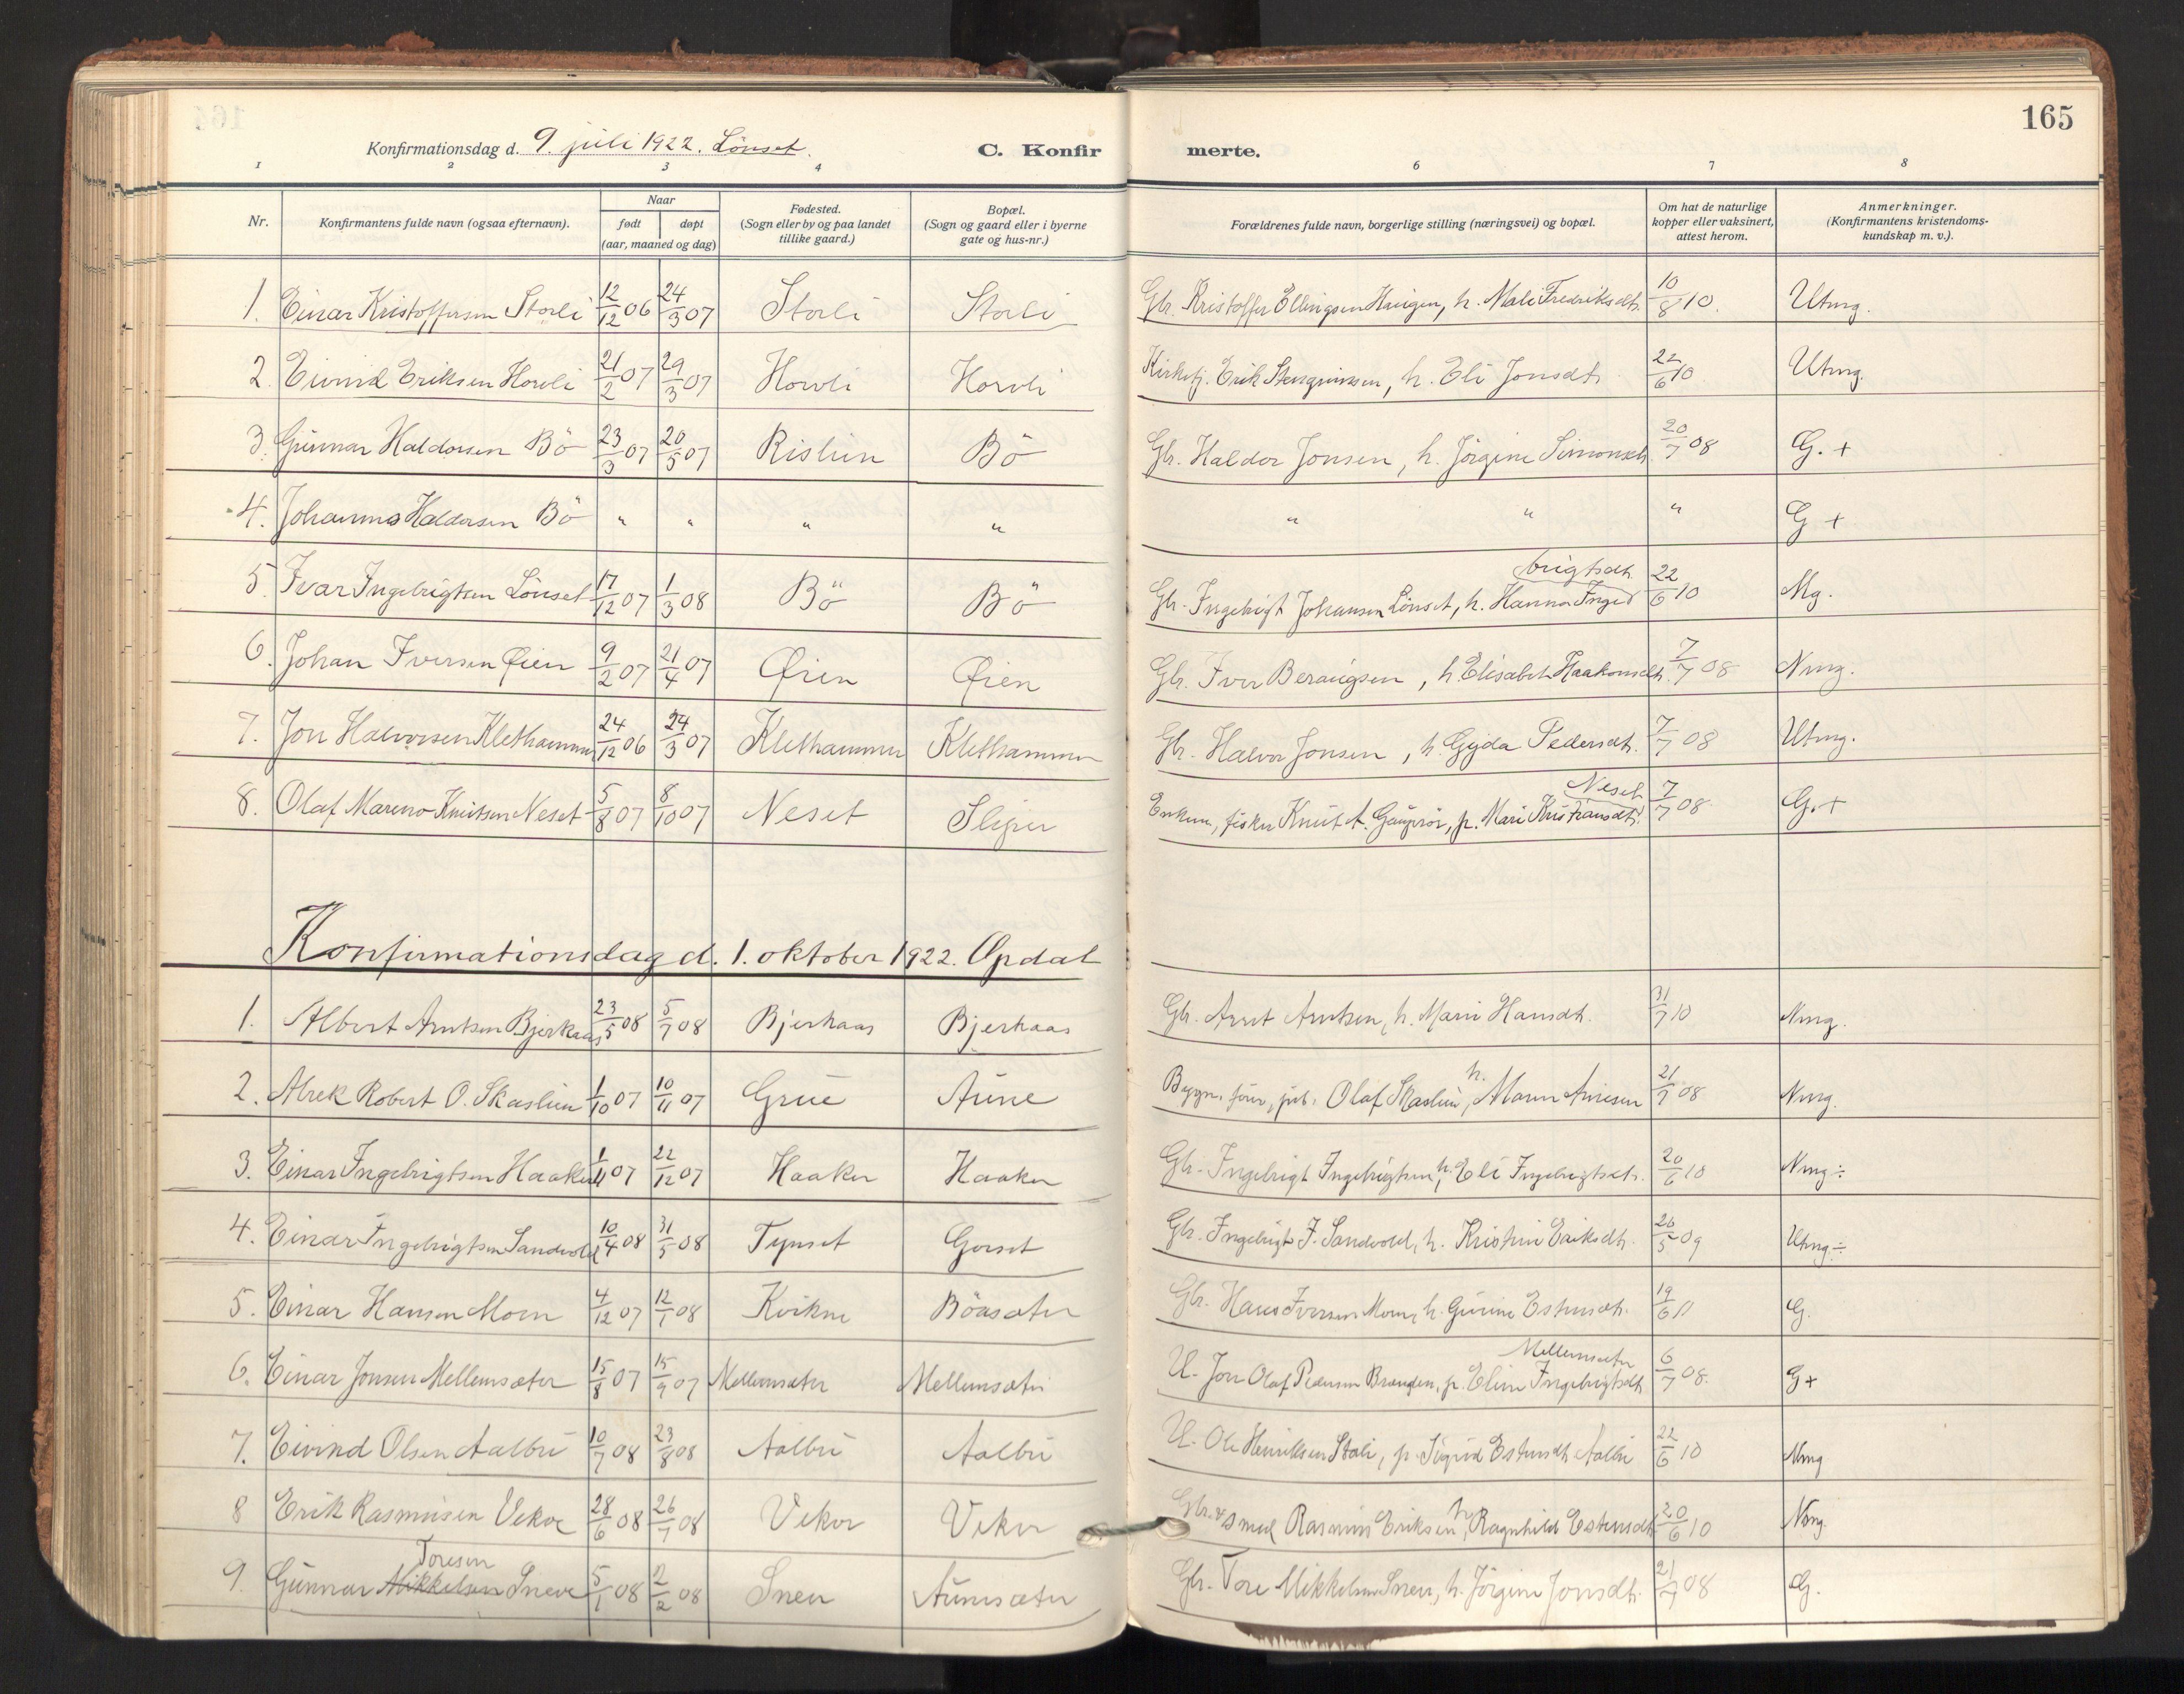 SAT, Ministerialprotokoller, klokkerbøker og fødselsregistre - Sør-Trøndelag, 678/L0909: Ministerialbok nr. 678A17, 1912-1930, s. 165